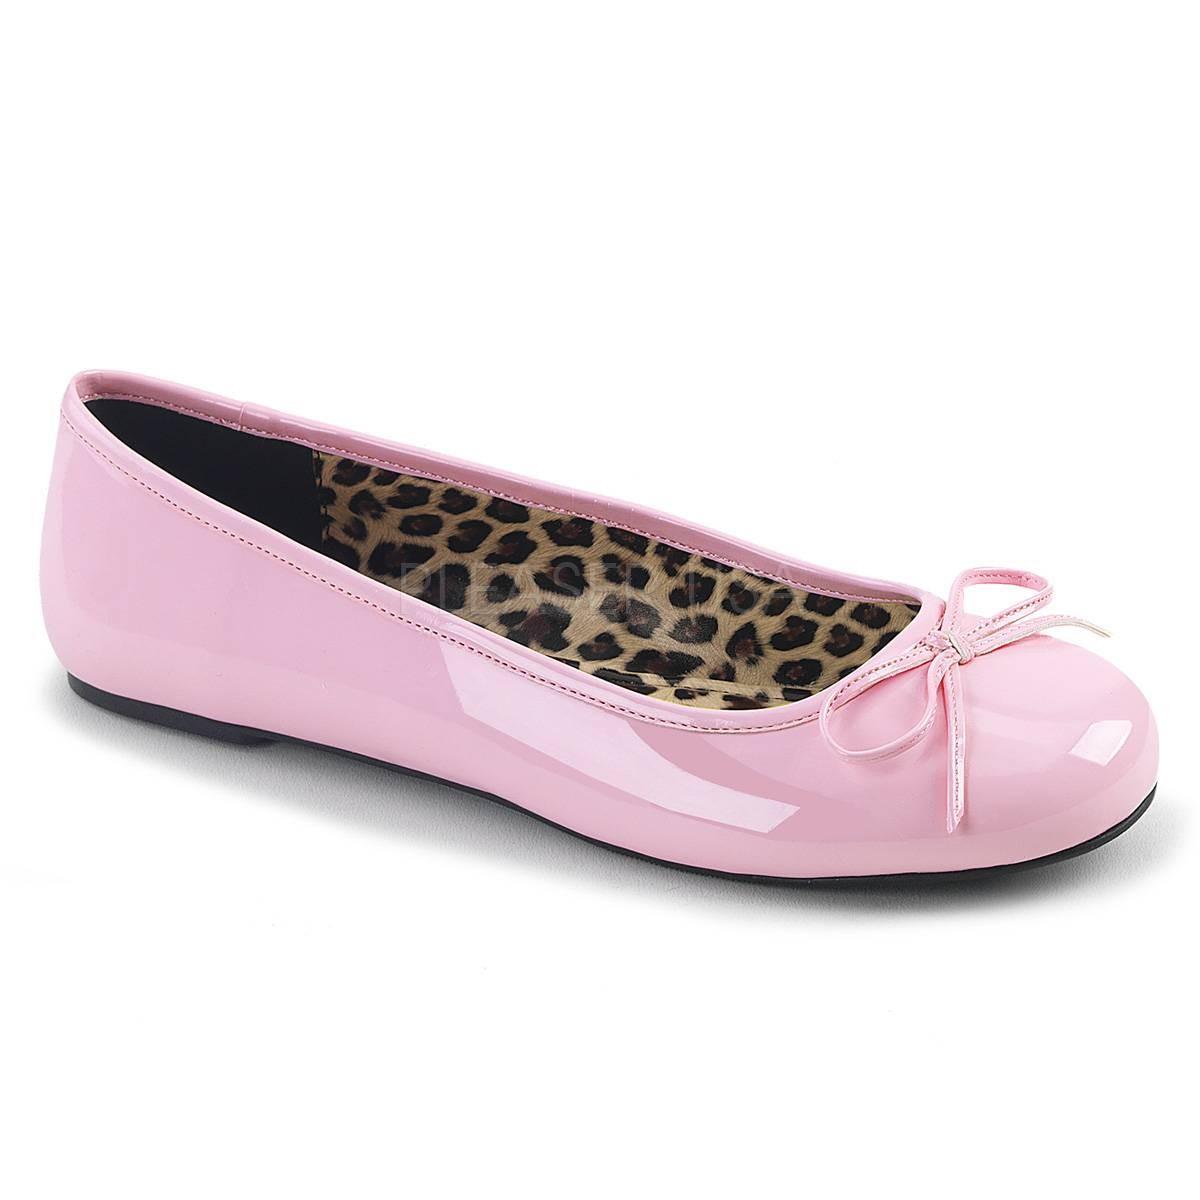 Ballerinas - ANNA 01 ° Damen Ballerina ° RosaGlänzend ° Pleaser Pink Label  - Onlineshop RedSixty